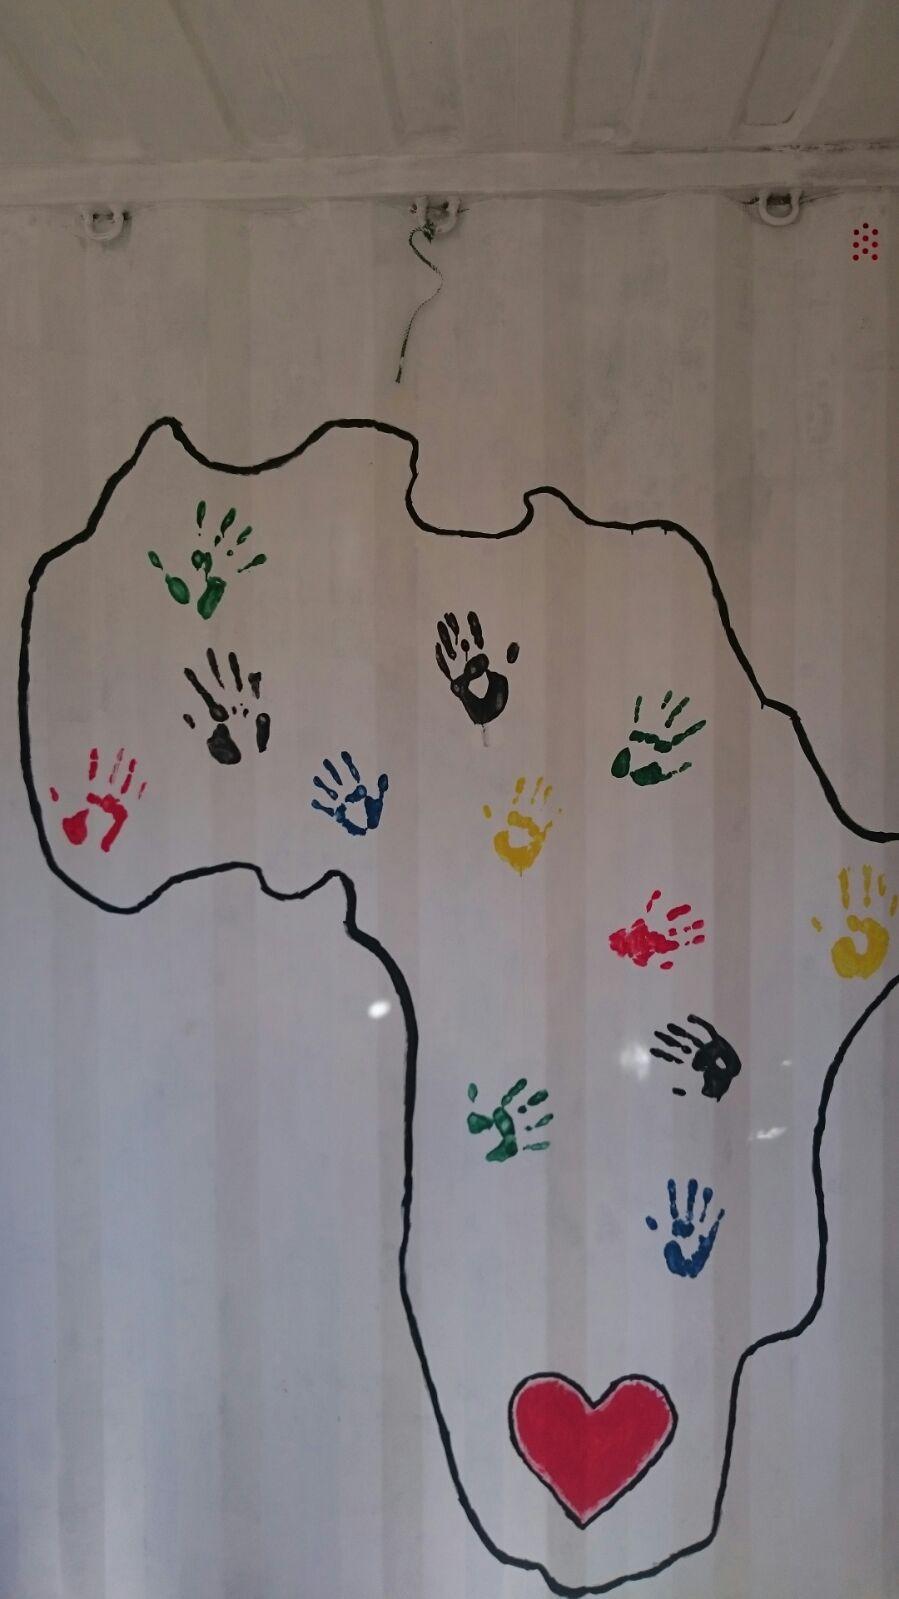 Reisverslag zuid afrika ~ jtc for africa 2016